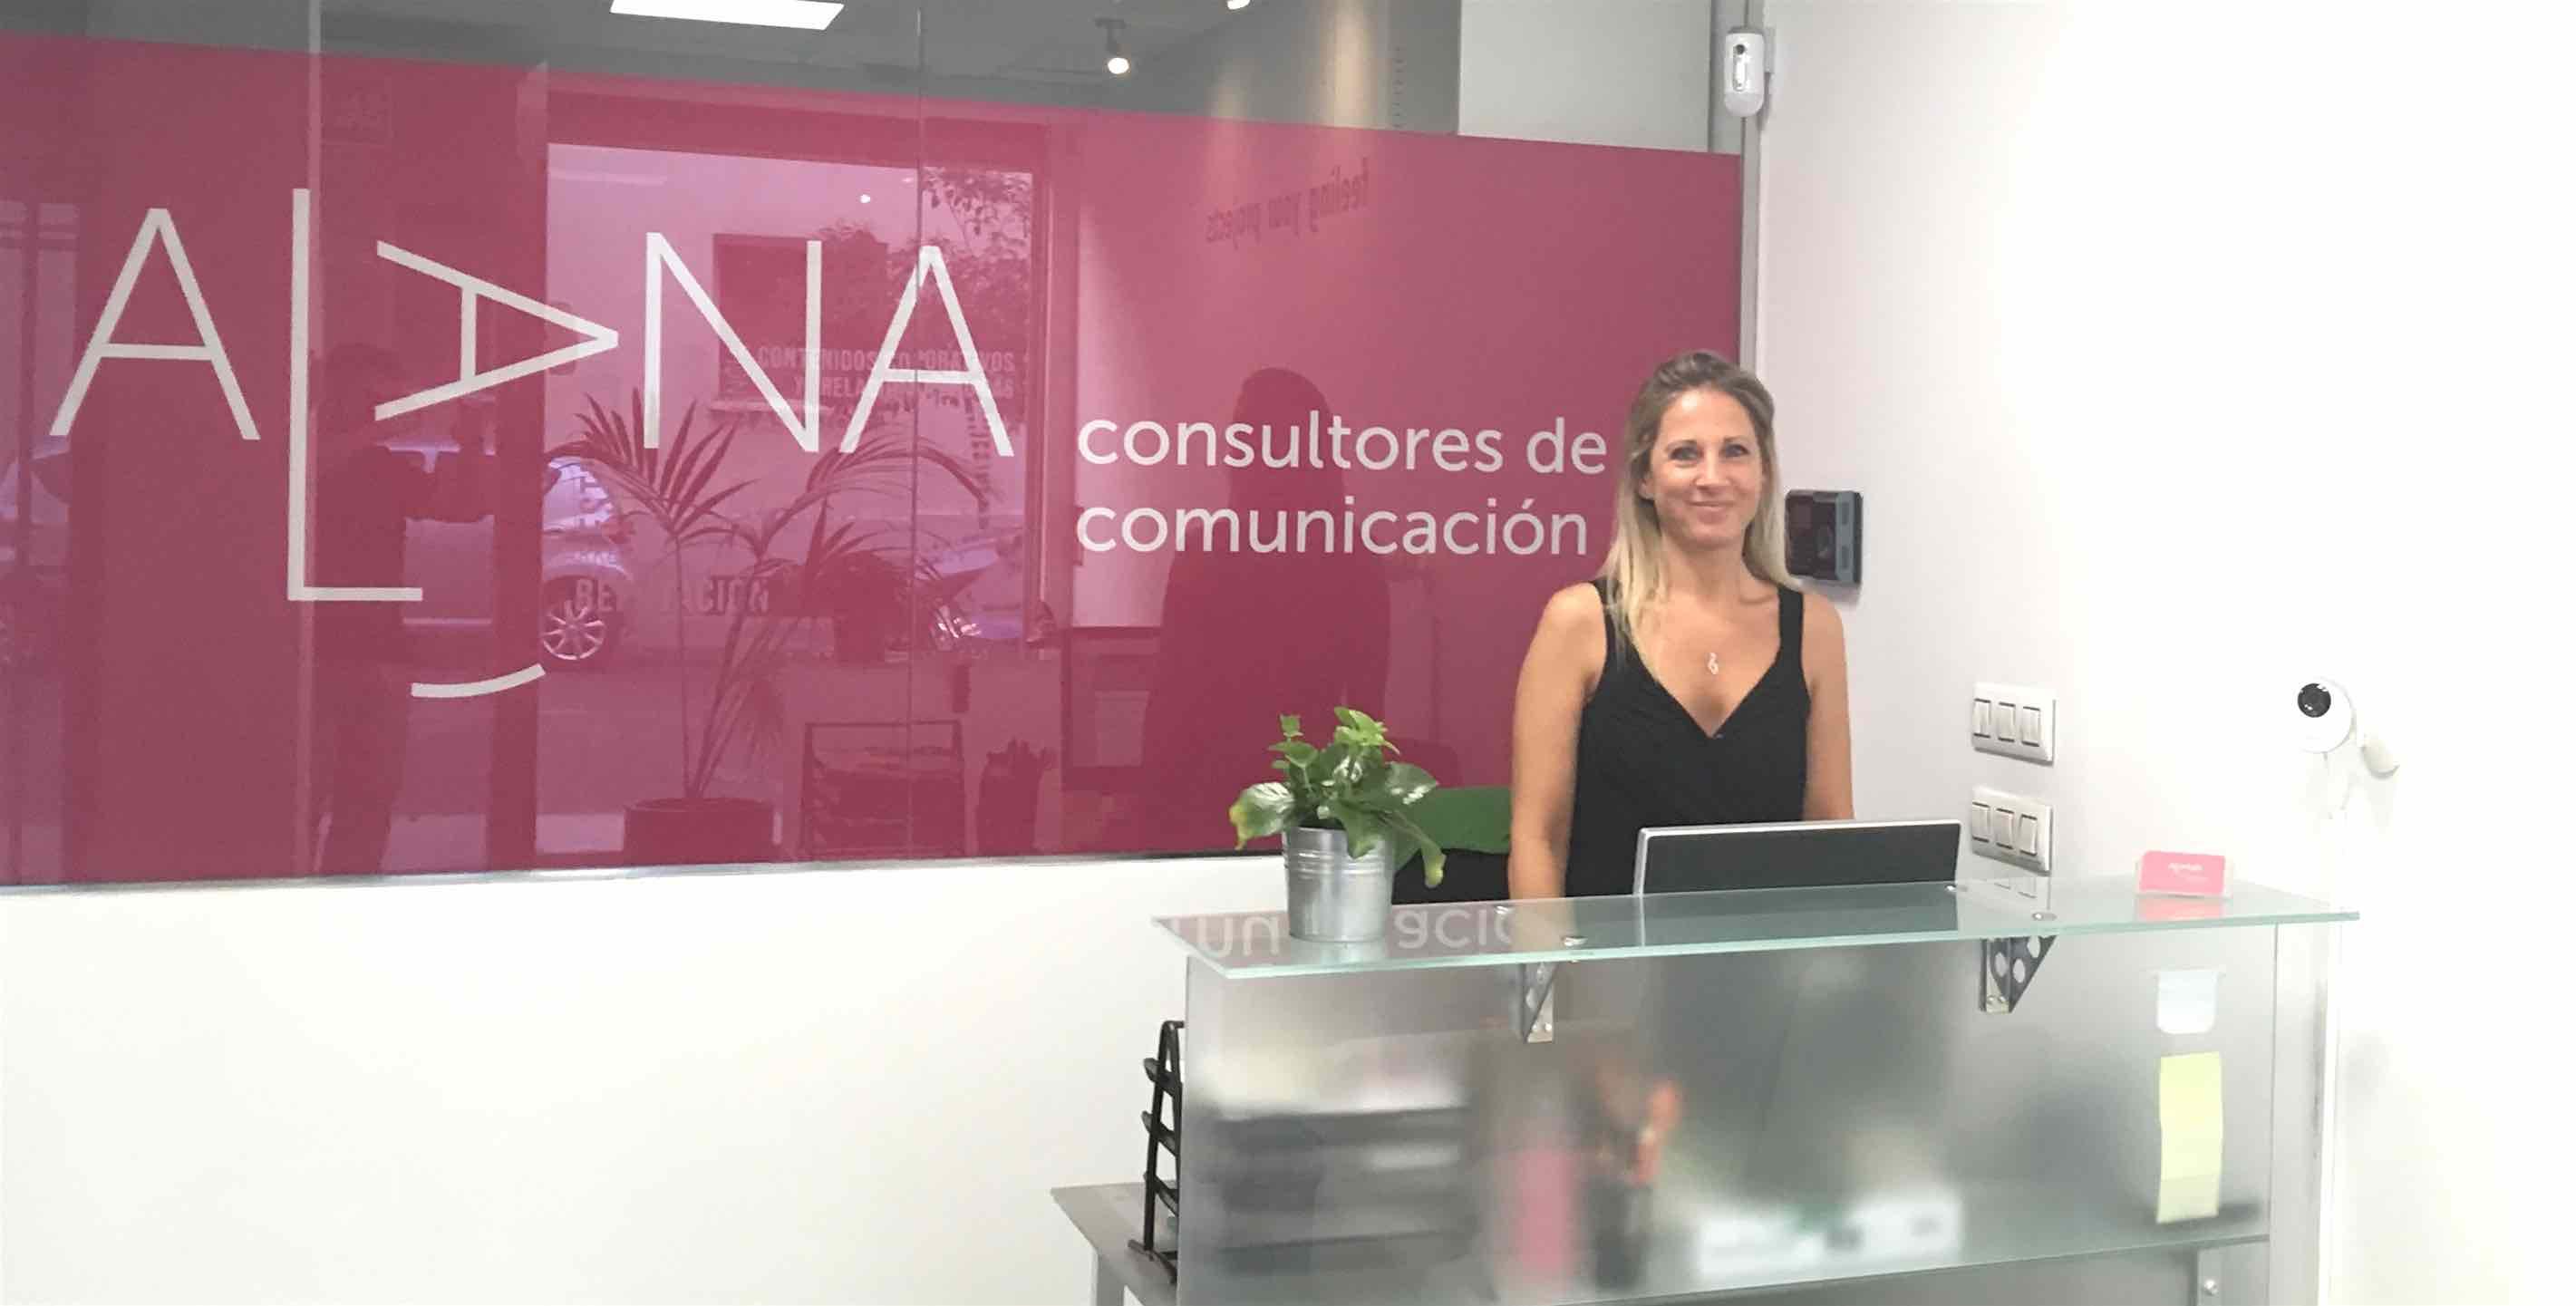 Alana Consultores de Comunicación tiene su oficina en Madrid calle Velázquez, 31